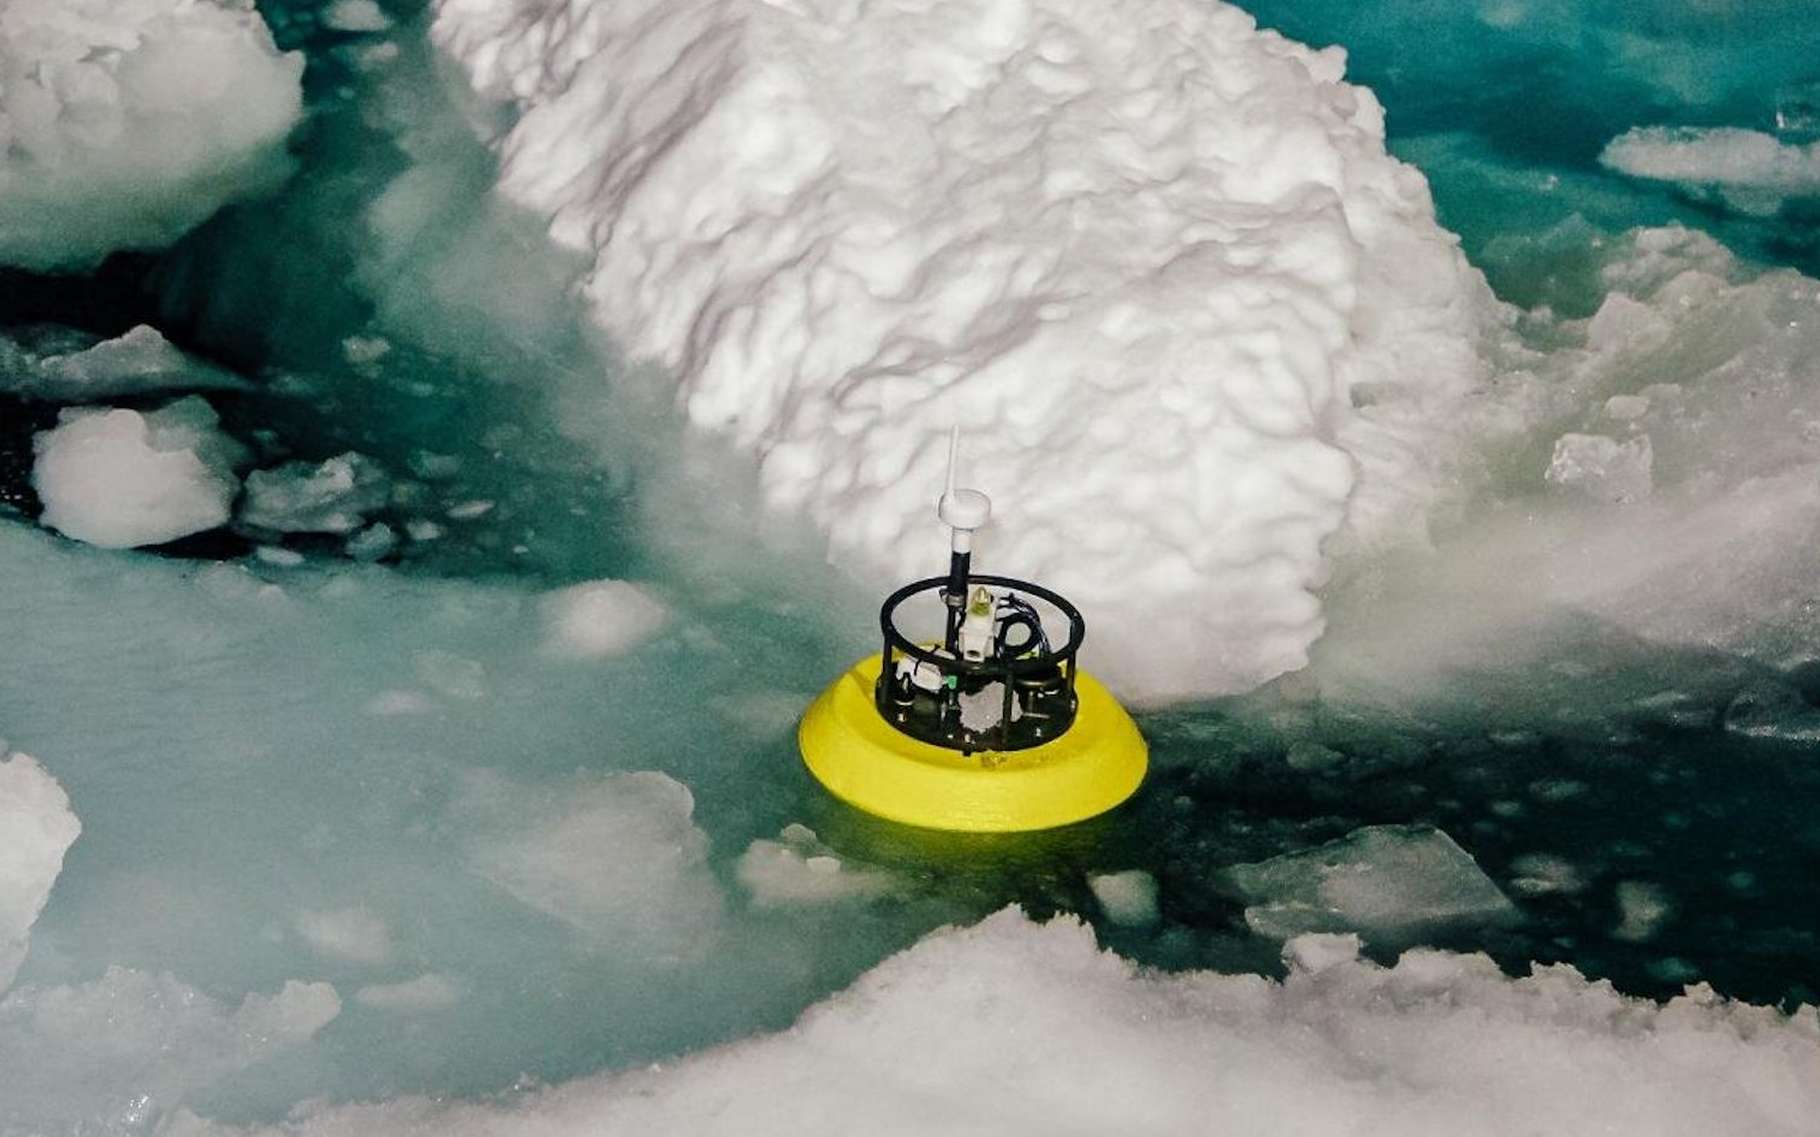 En 2018, des chercheurs ont, pour la première fois, été les témoins d'un événement de subduction d'eau chaude sous la couche superficielle froide de l'océan Arctique. Parmi les instruments utilisés pour l'analyser, ce dériveur. © San Nguyen, Institut océanographique Scripps